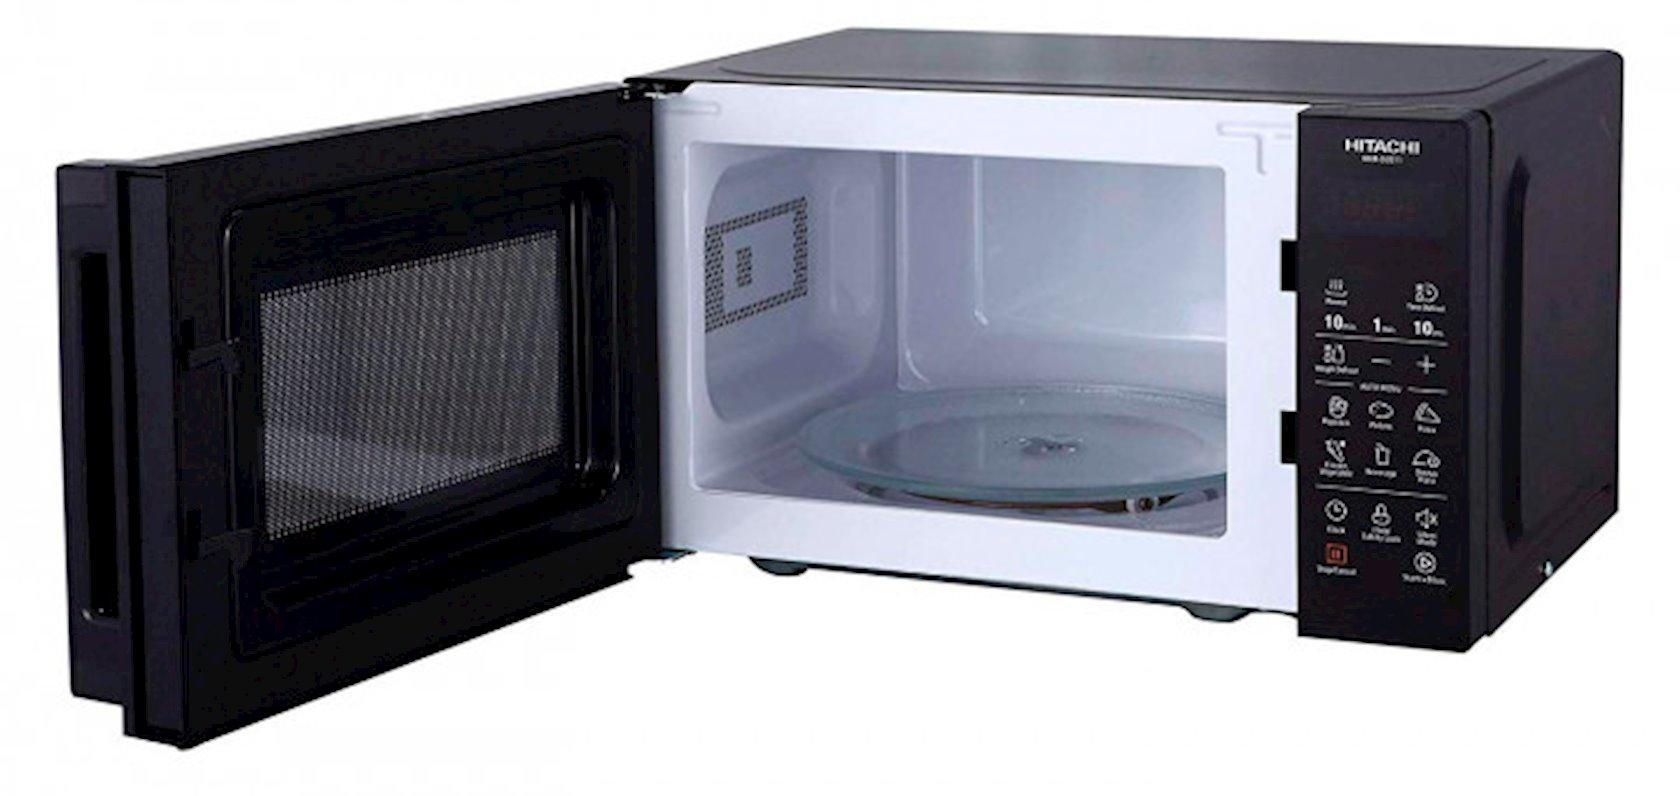 Mikrodalğalı soba Hitachi HMR-D2011